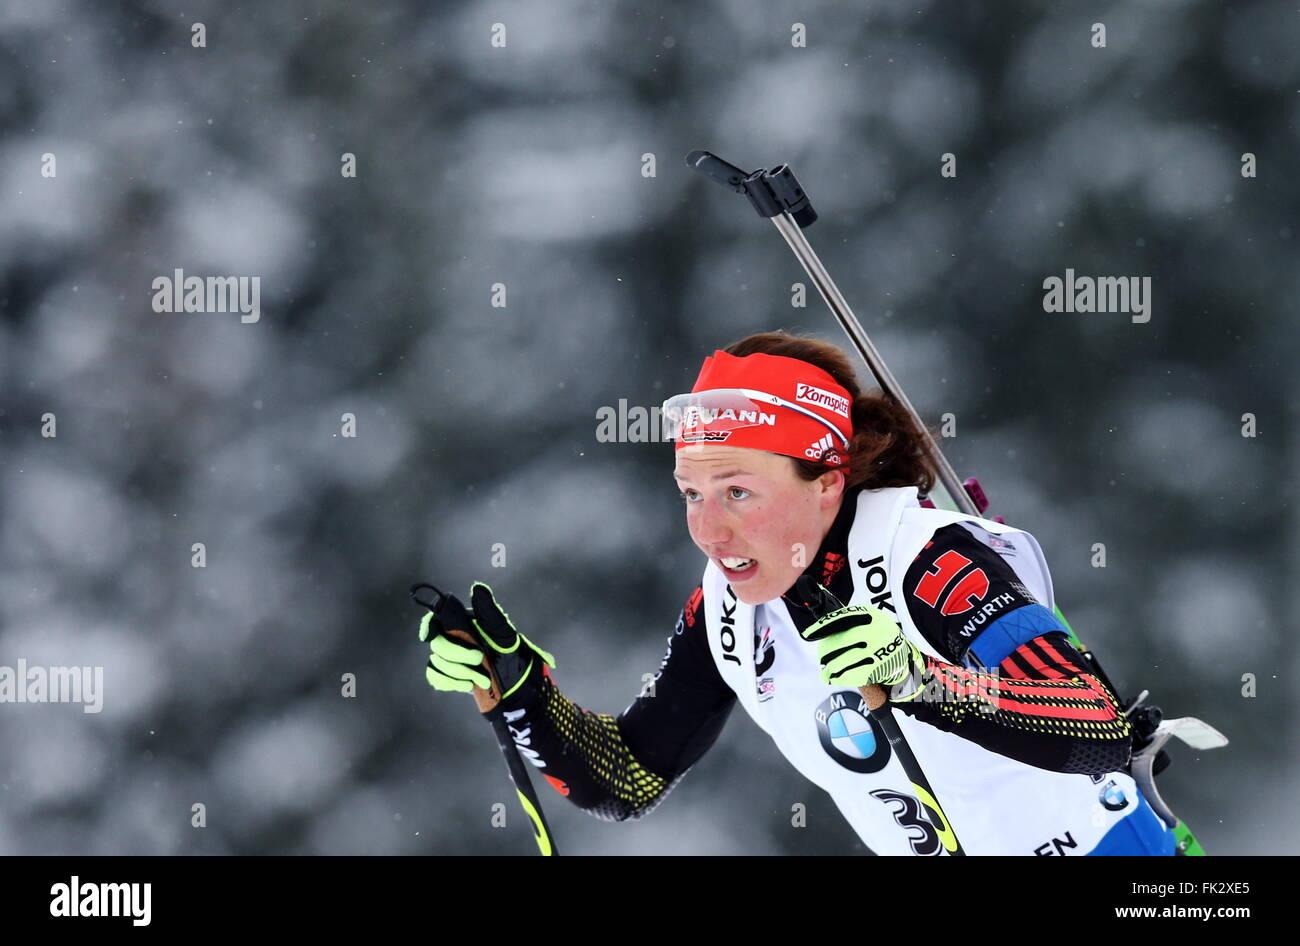 OSLO, NORWEGEN. 6. MÄRZ 2016. Biathlet Laura Dahlmeier Deutschland konkurriert, die Frauen 10 km Verfolgungsrennen Stockbild